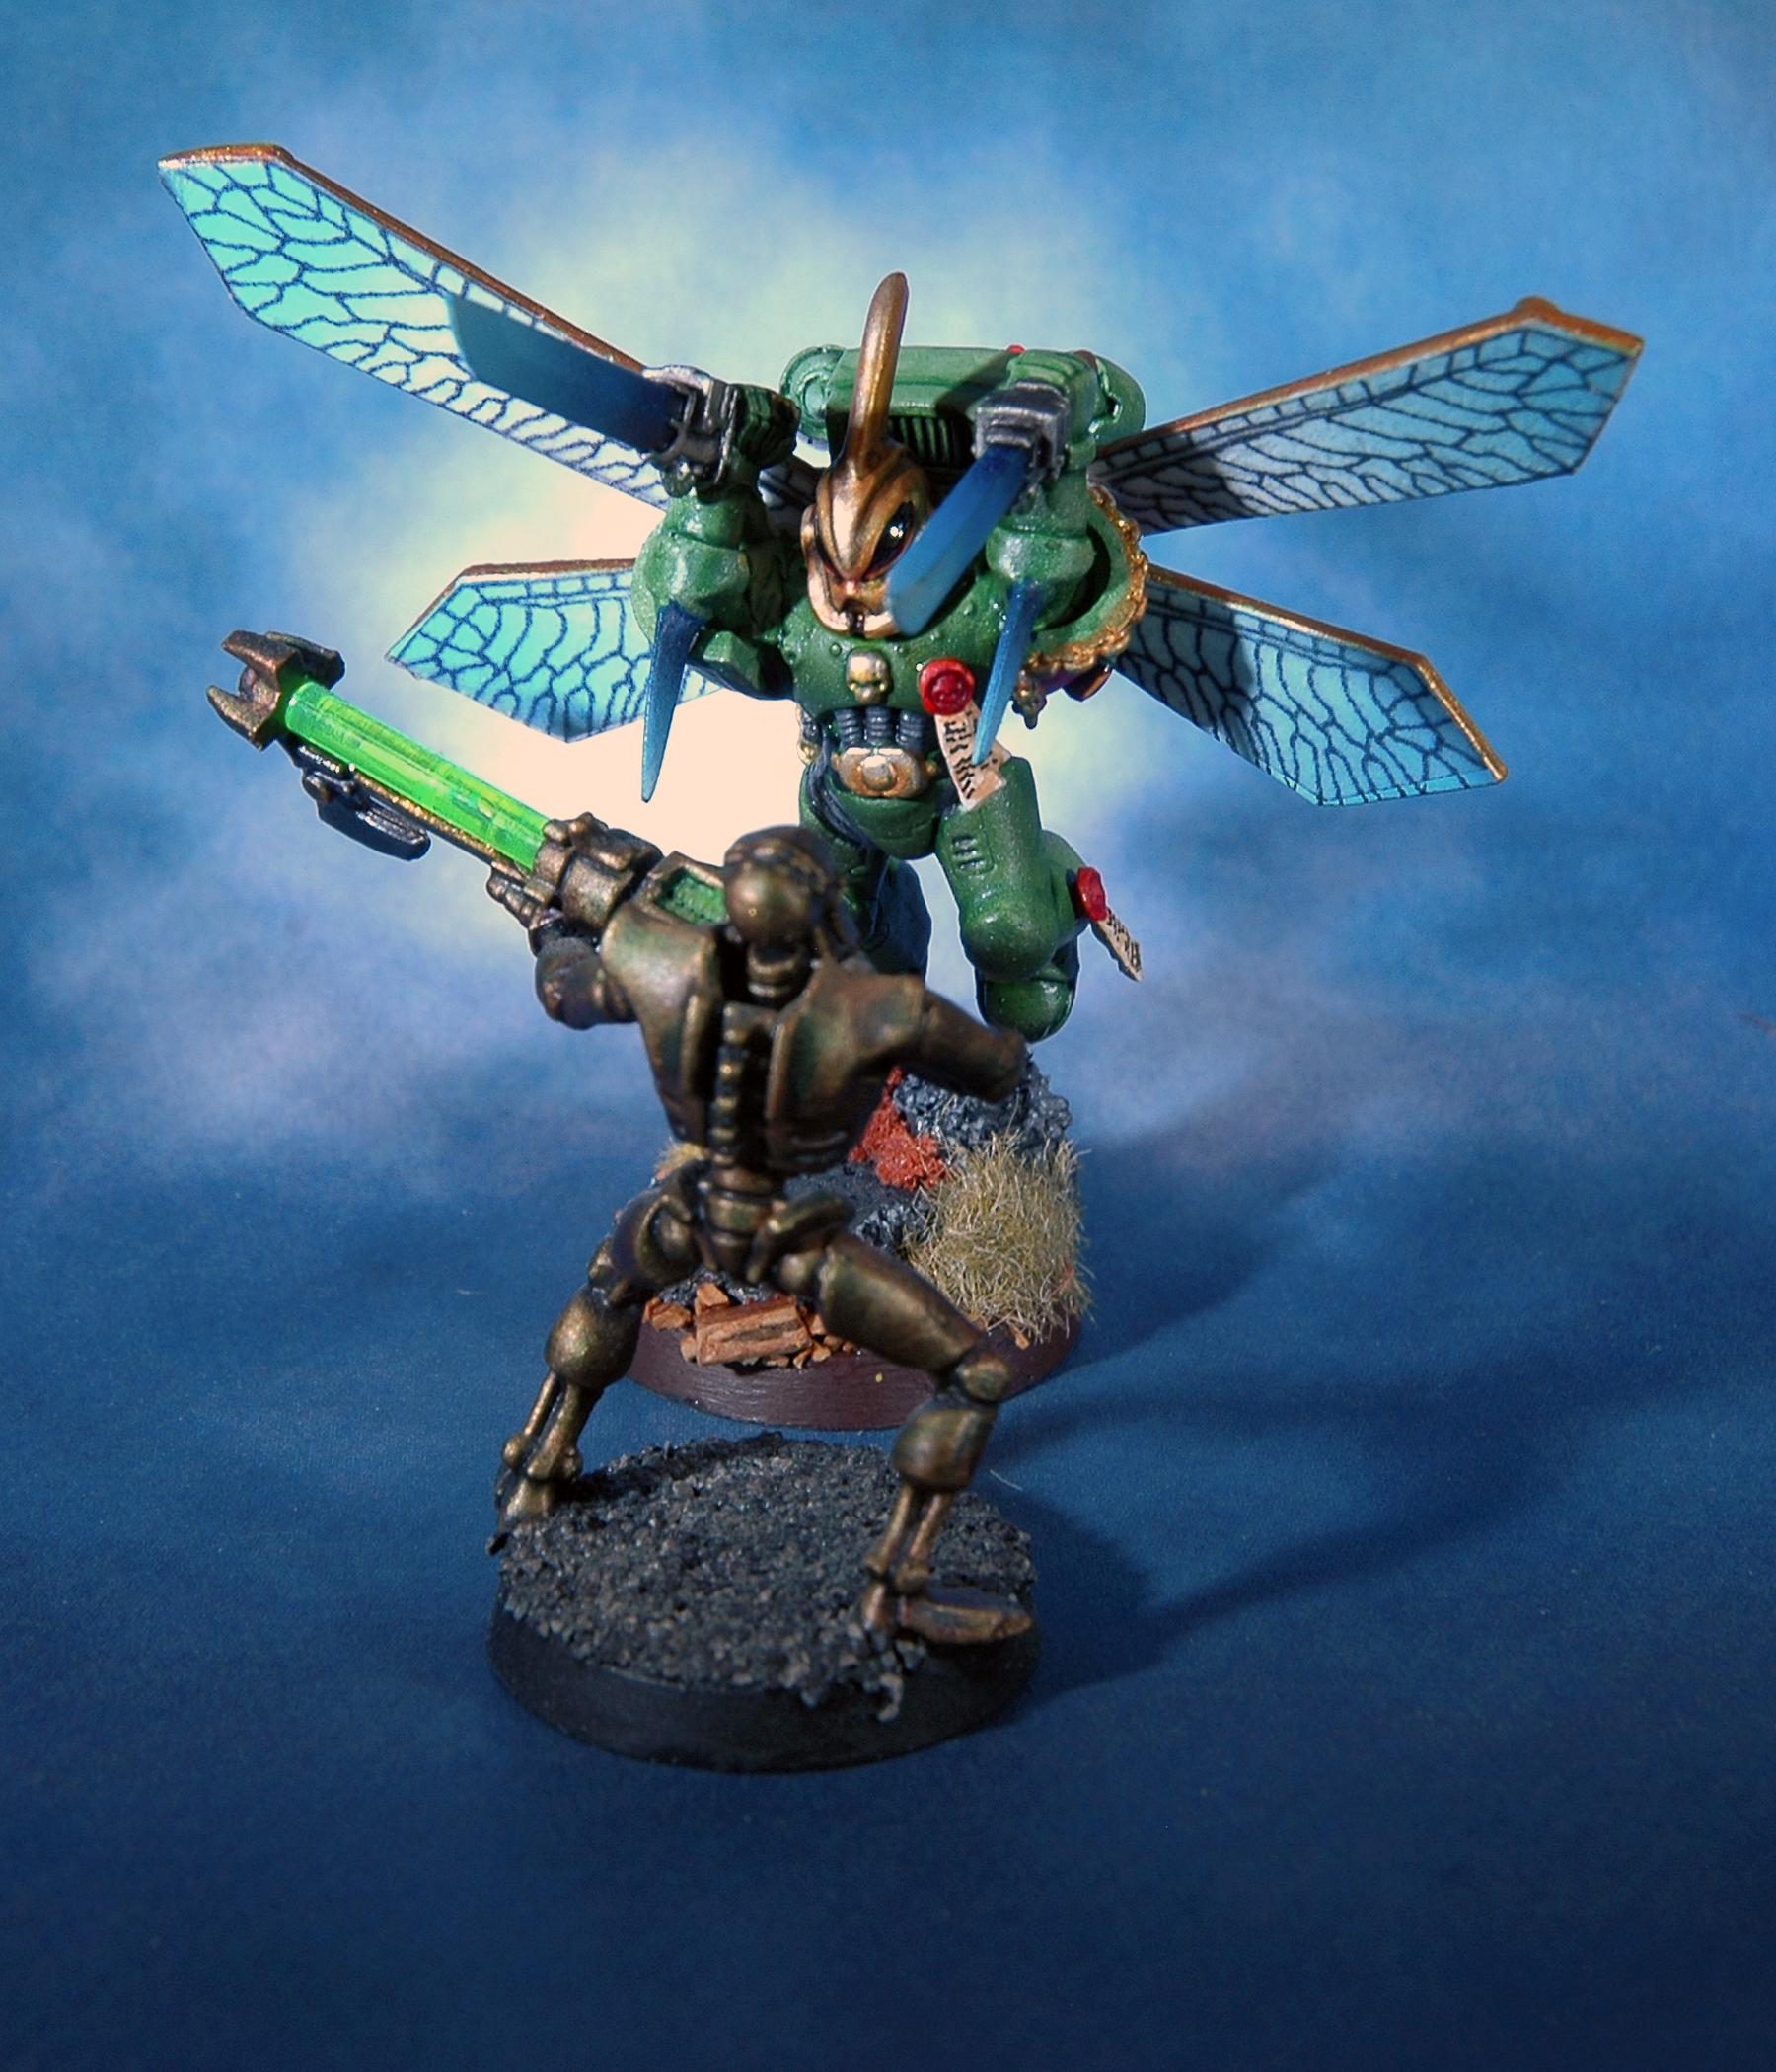 Gms, Mantis Warrior, Space Marines, Vanguard, Warhammer 40,000